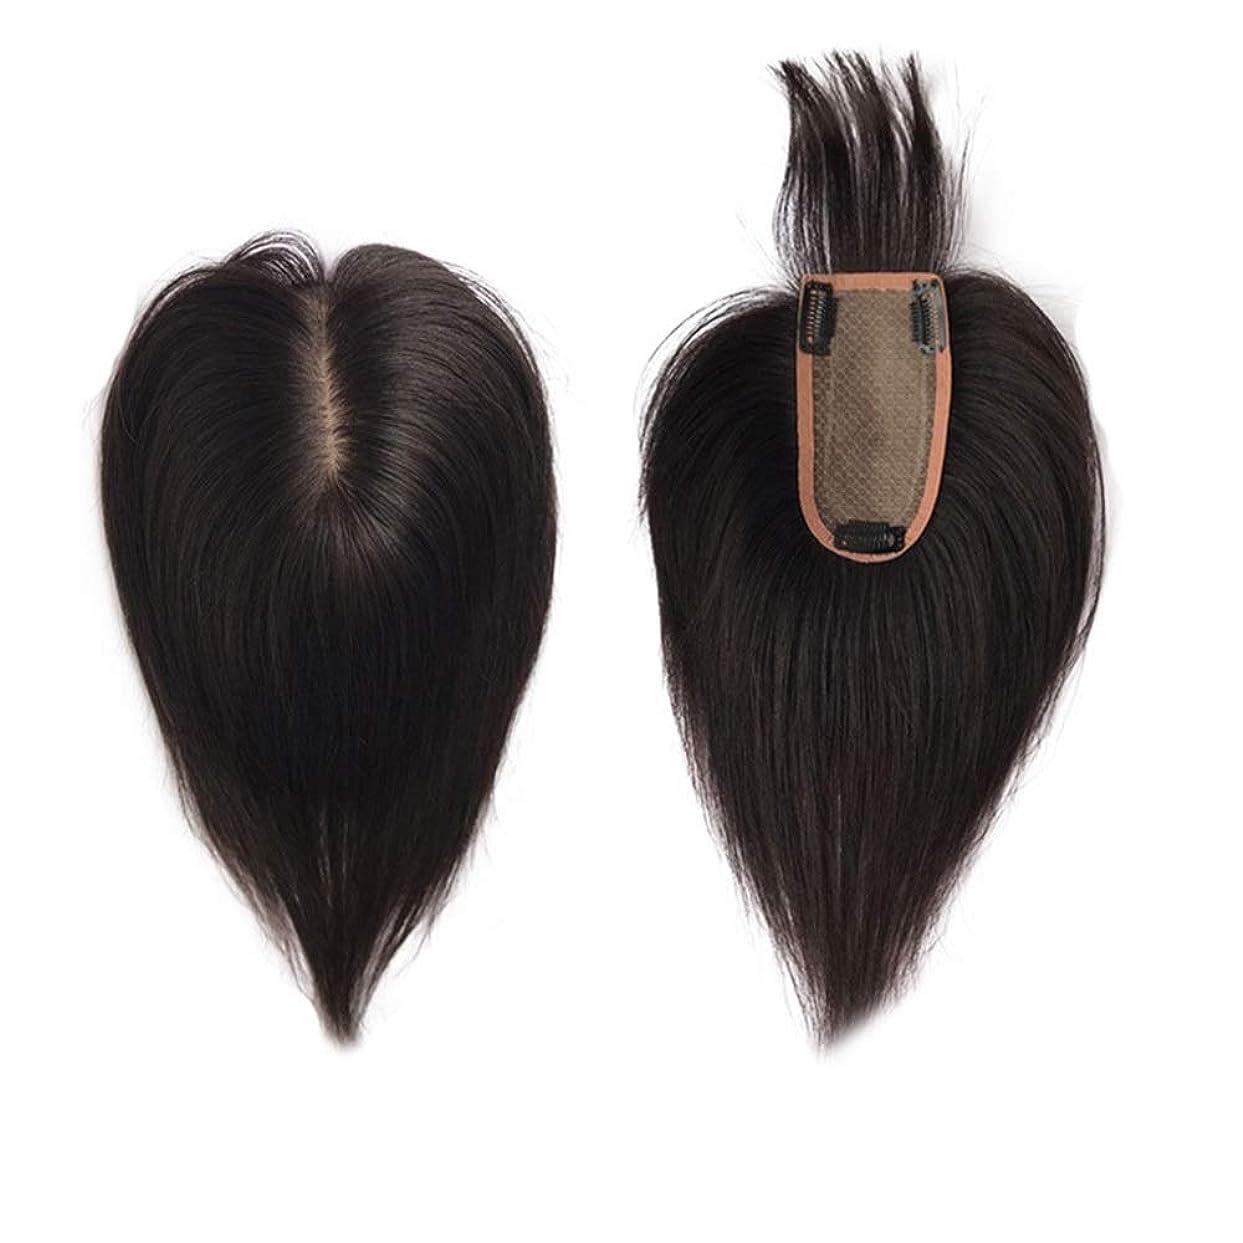 カーペットカーペットクリアBOBIDYEE 女性のための空気前髪のかつらと本物の髪の手の針の自然な毛延長クリップ髪の量を増やすパーティーのかつら (Color : Dark brown, サイズ : [7x13] 25cm)